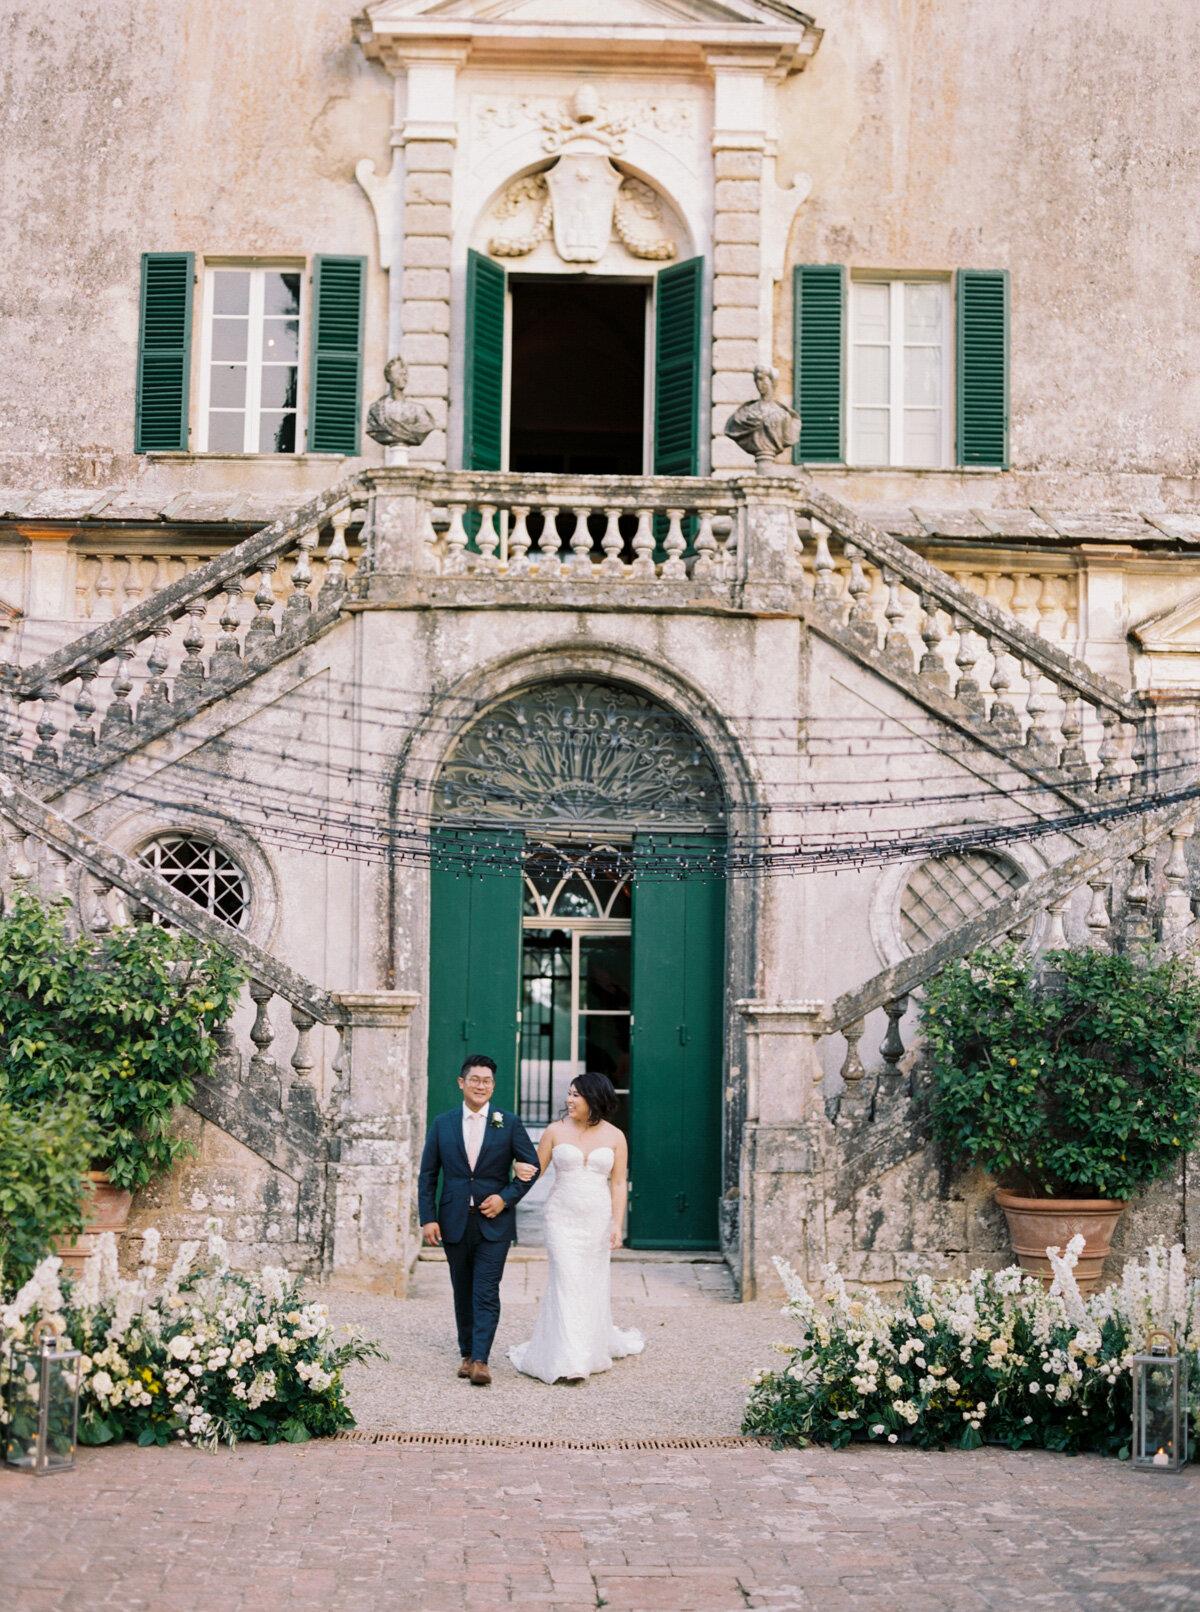 Villa-Cetinale-Tuscany-Katie-Grant-destination-wedding (107 of 115).jpg